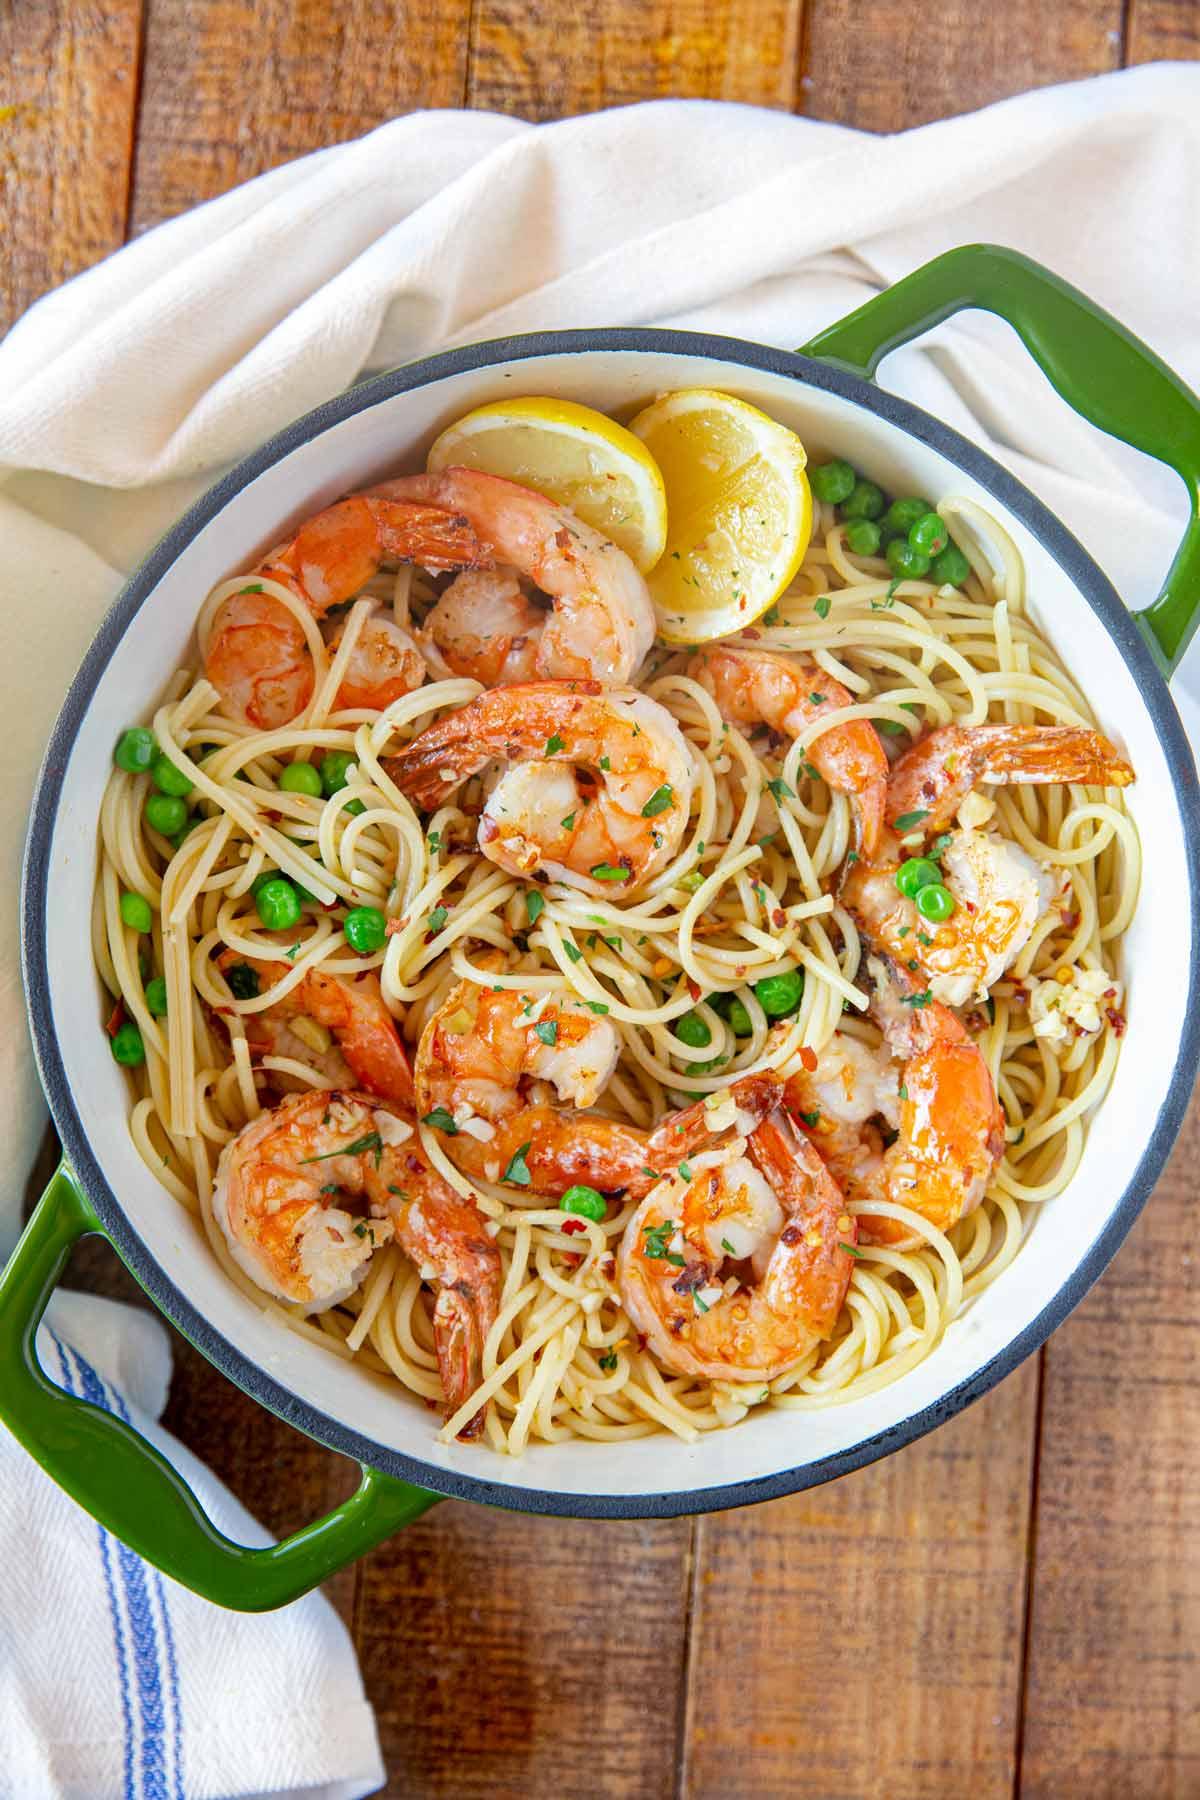 Shrimp Scampi Pasta in green pot